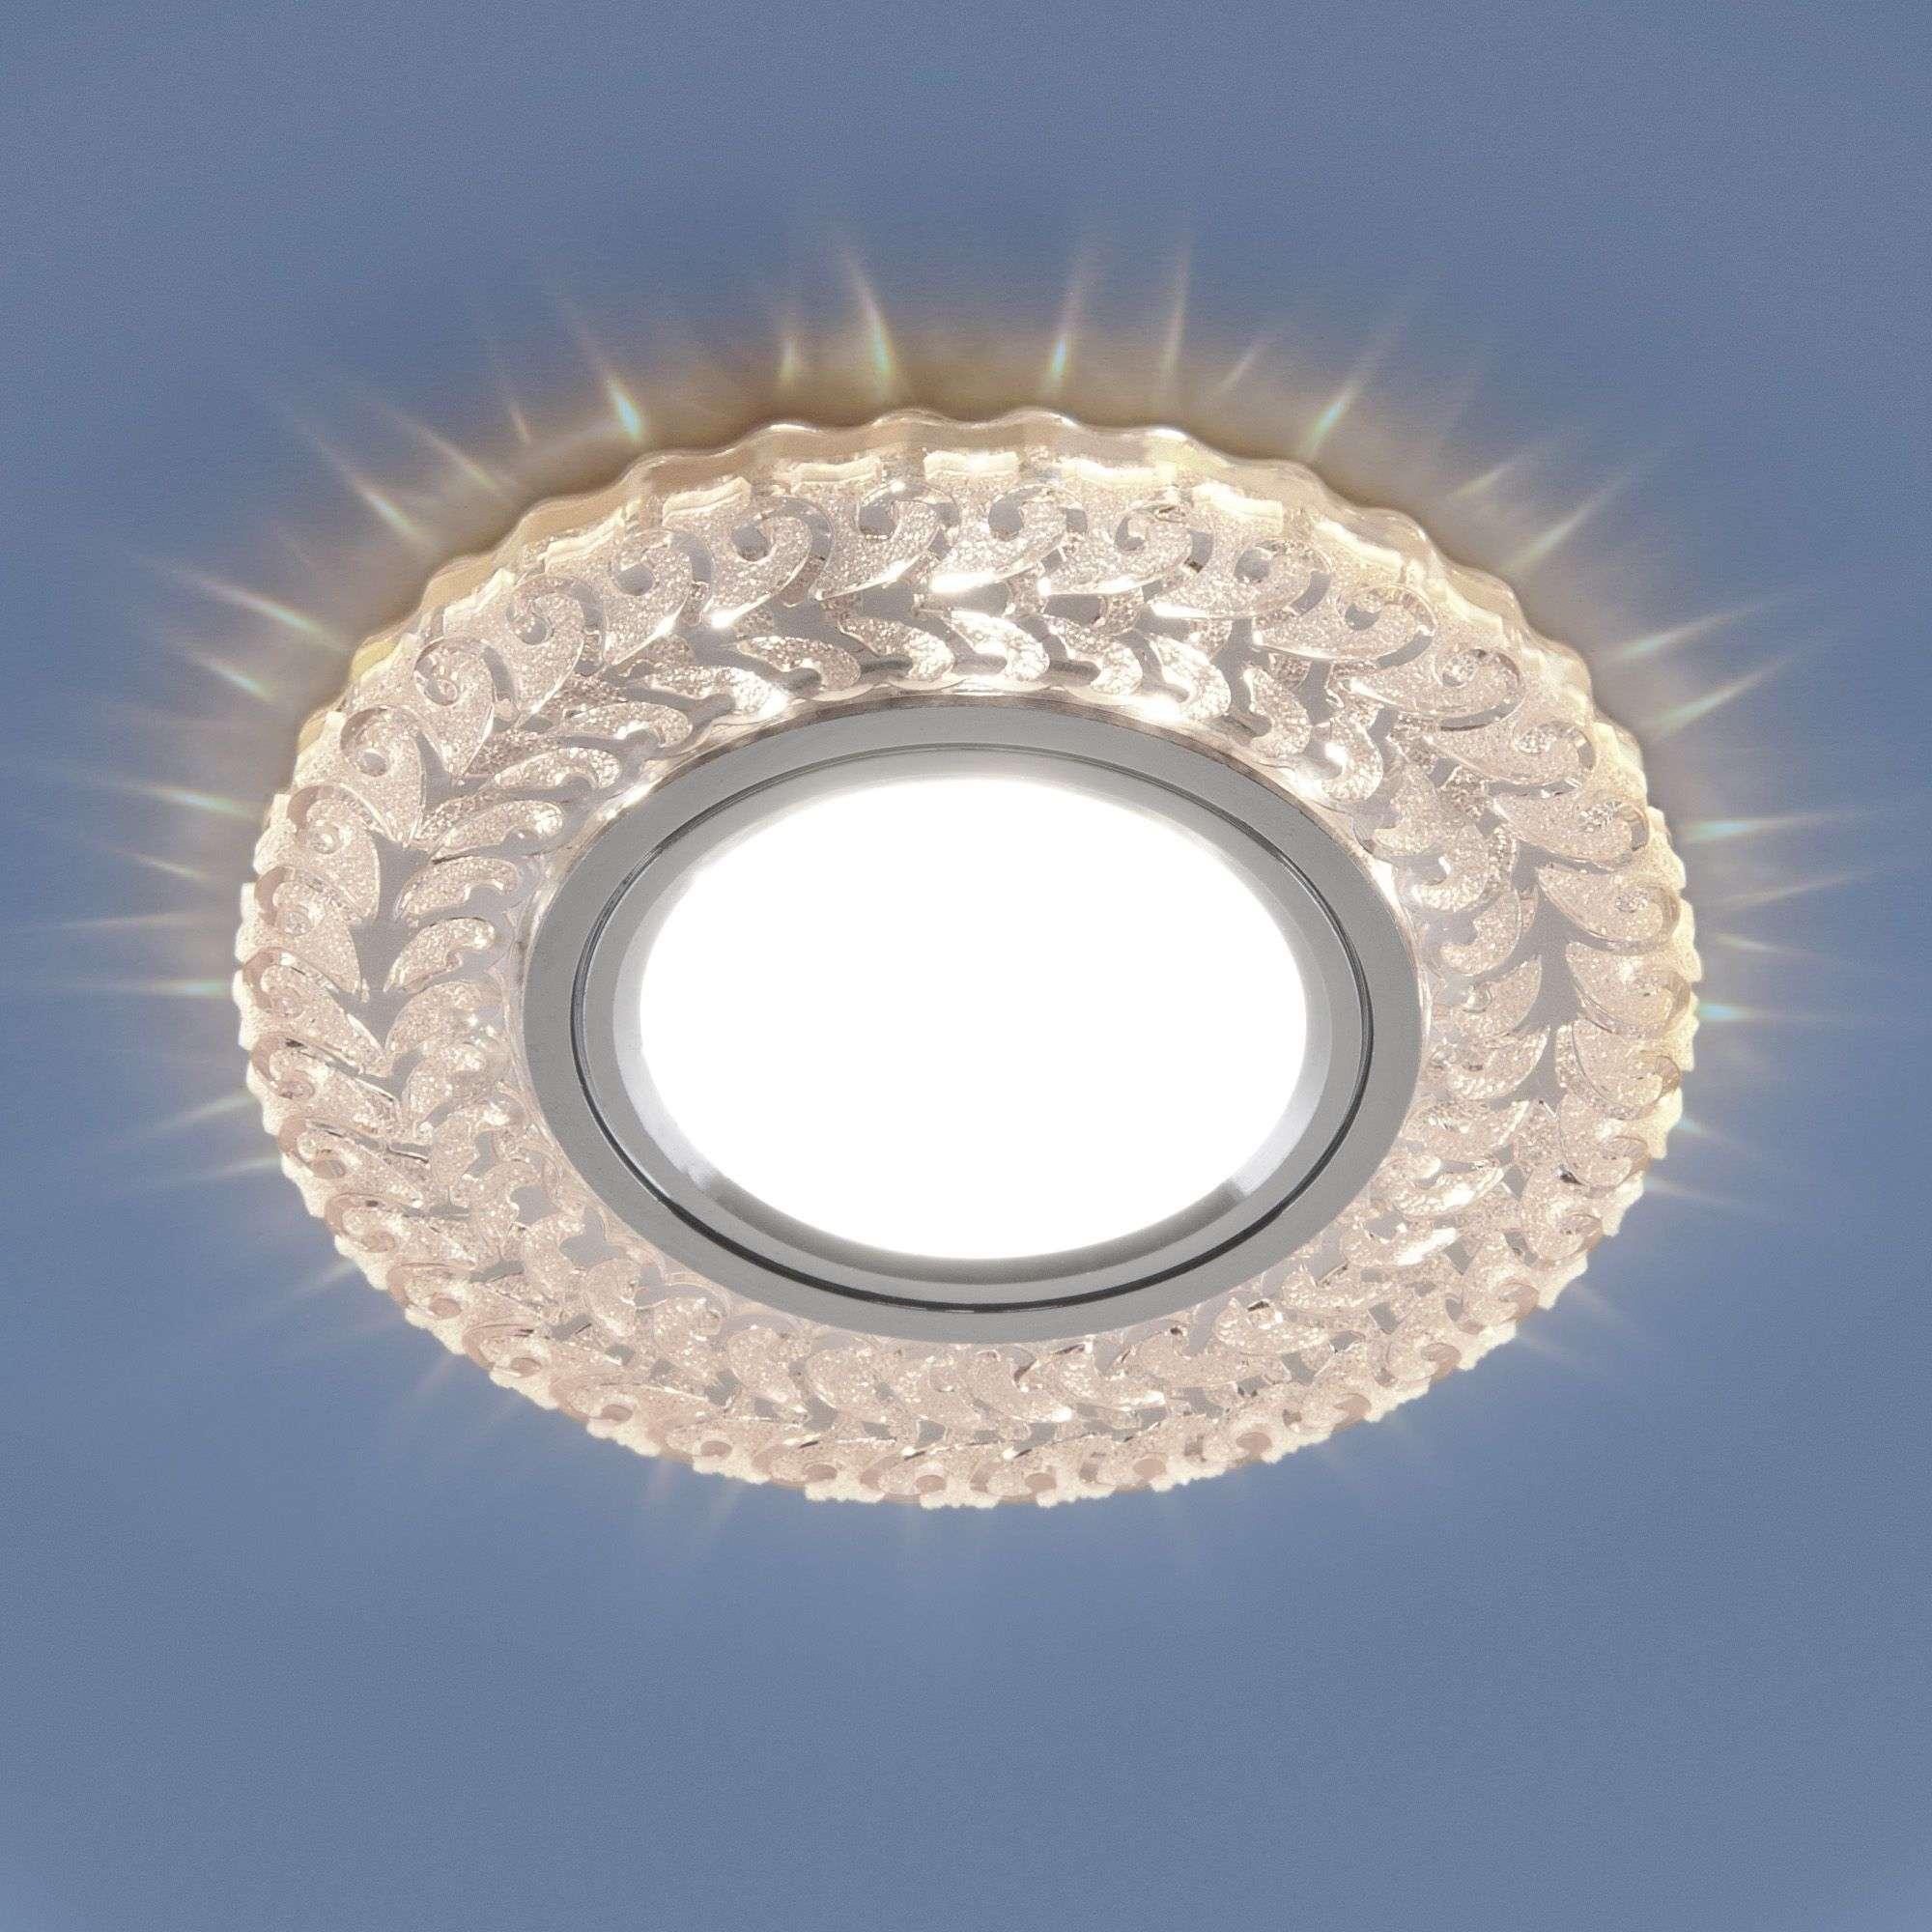 Встраиваемый точечный светильник с LED подсветкой 2223 MR16